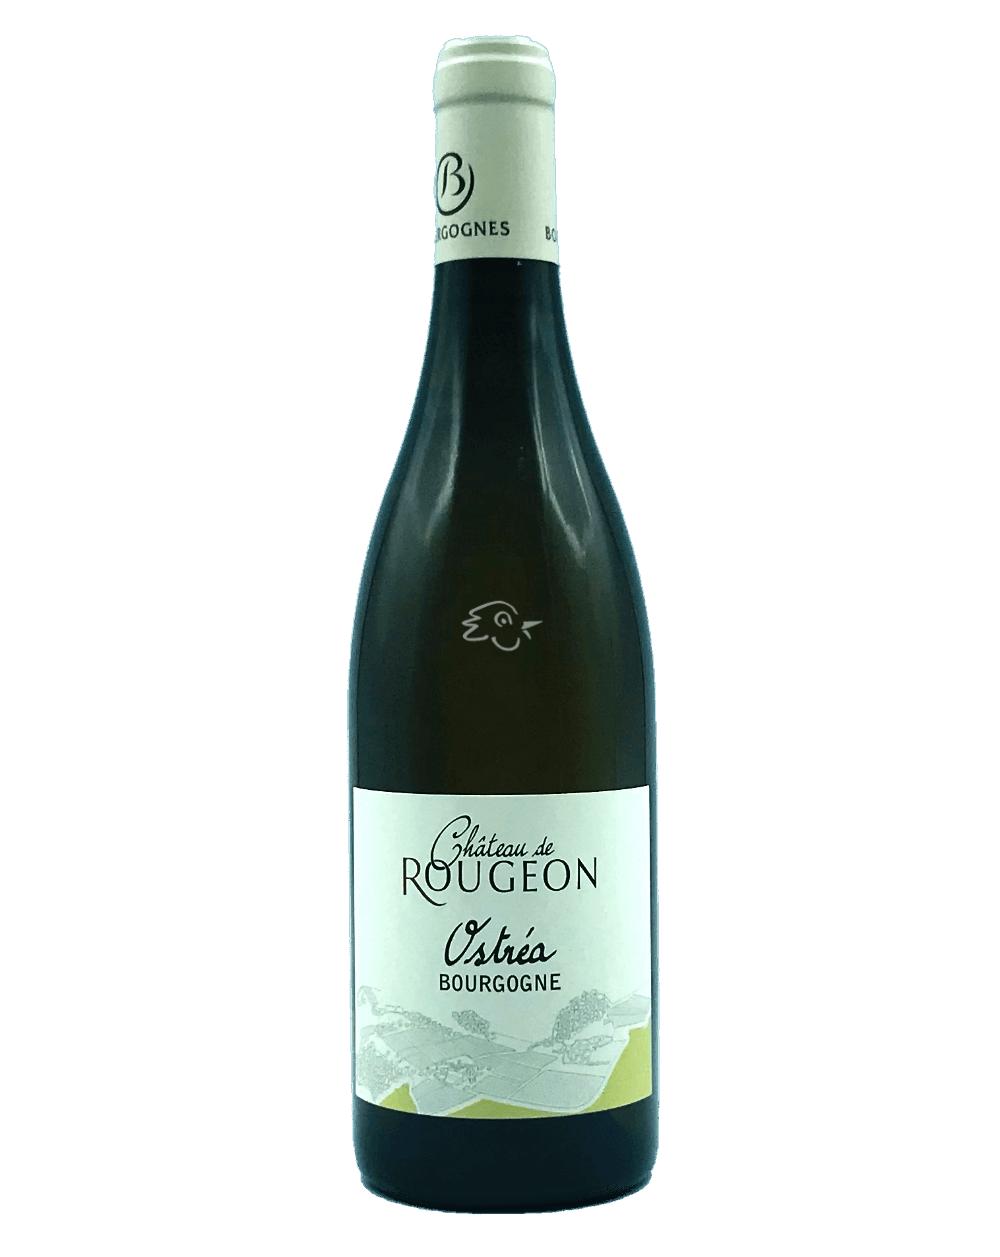 Château de Rougeon - Bourgogne Chardonnay 'Ostréa' 2018 - Avintures